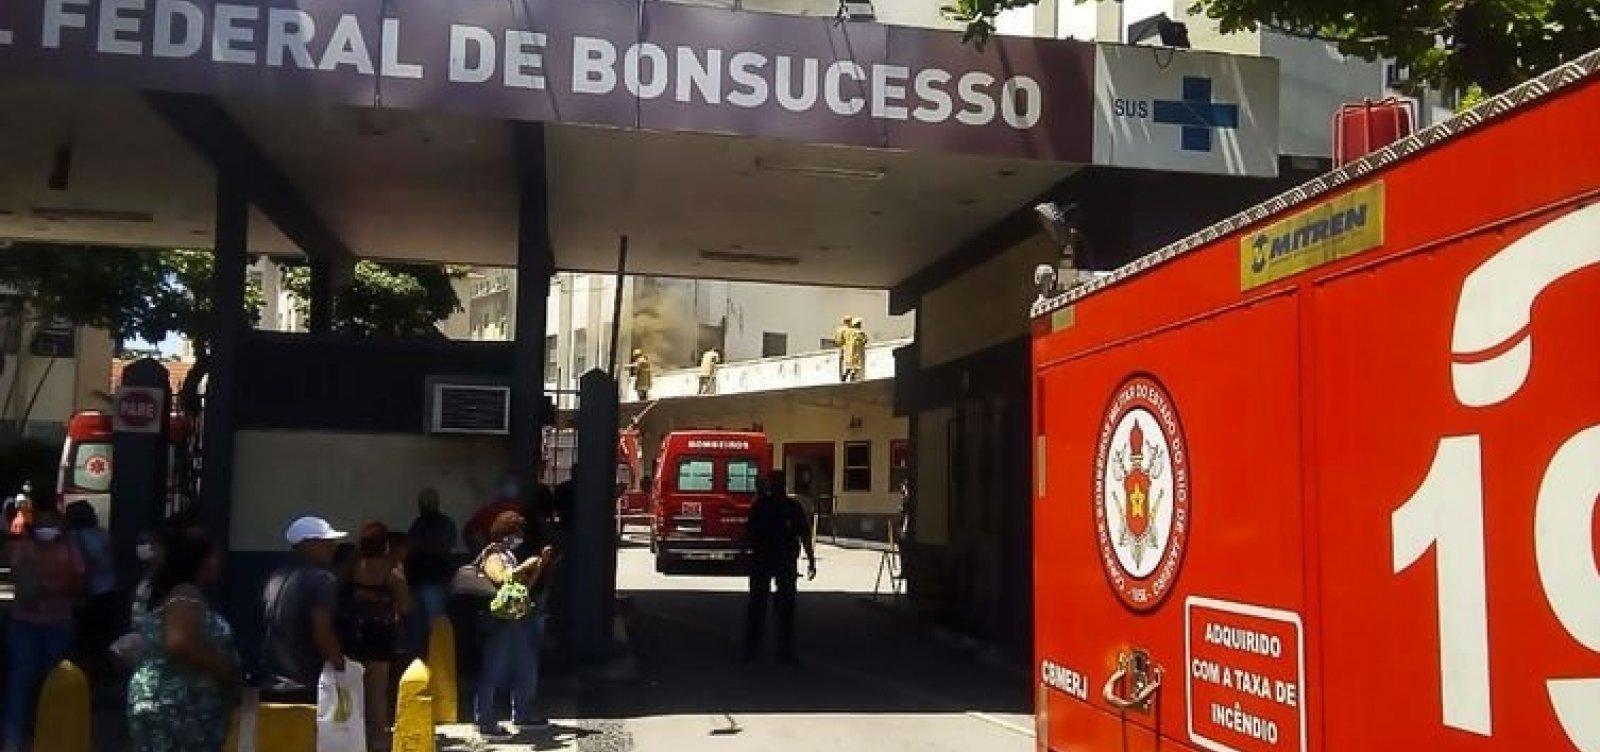 [Paciente com Covid-19 morre durante incêndio em Hospital no Rio de Janeiro  ]